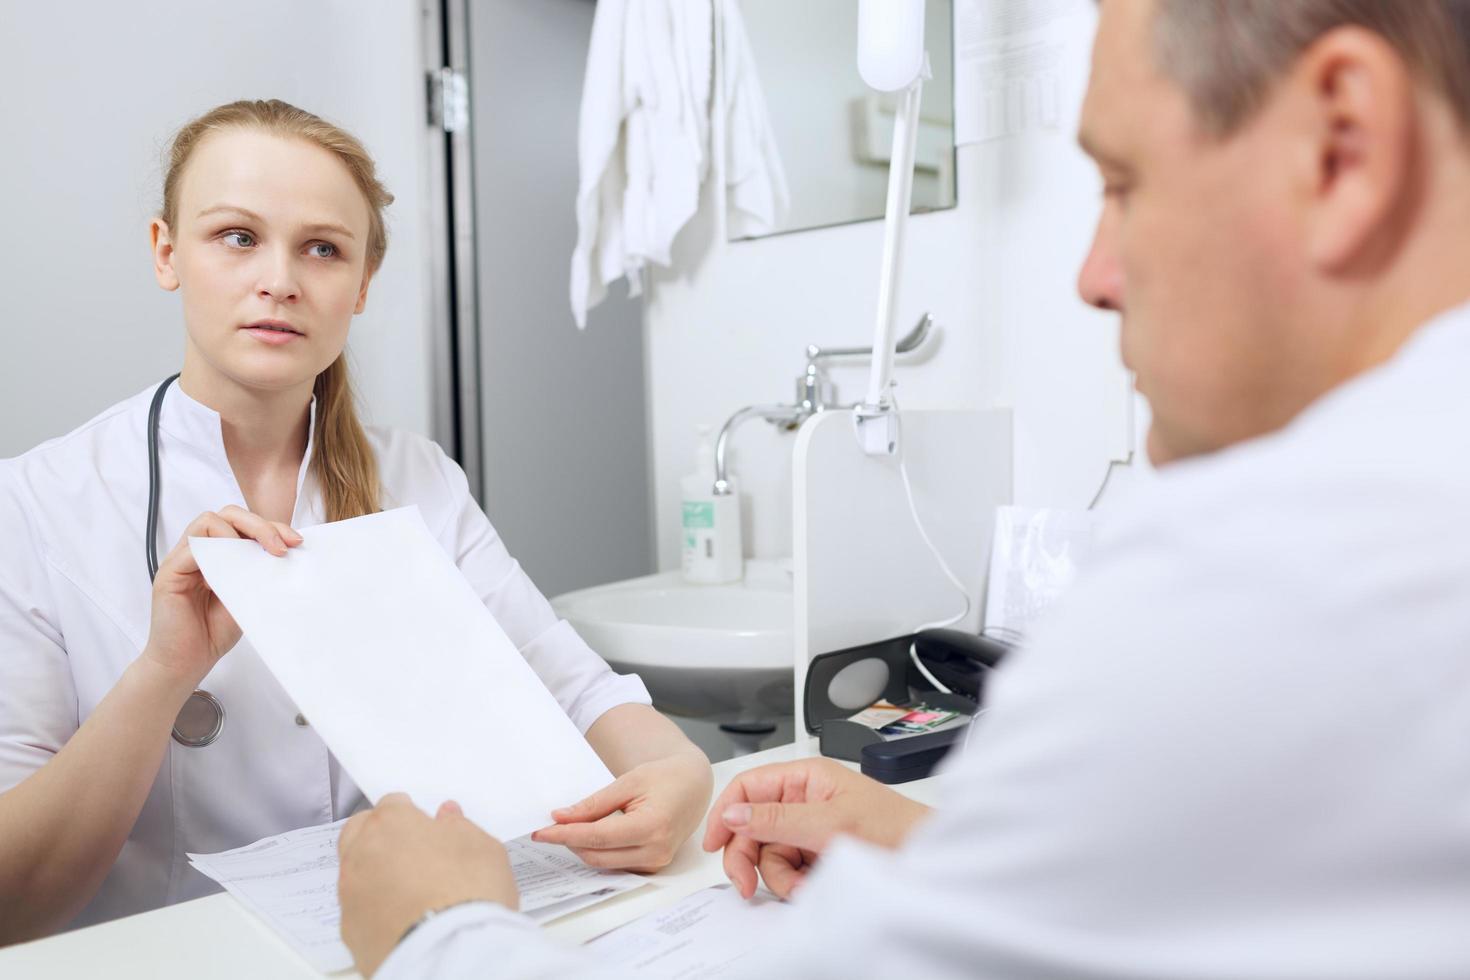 enfermera le muestra a un médico una hoja de papel en blanco foto